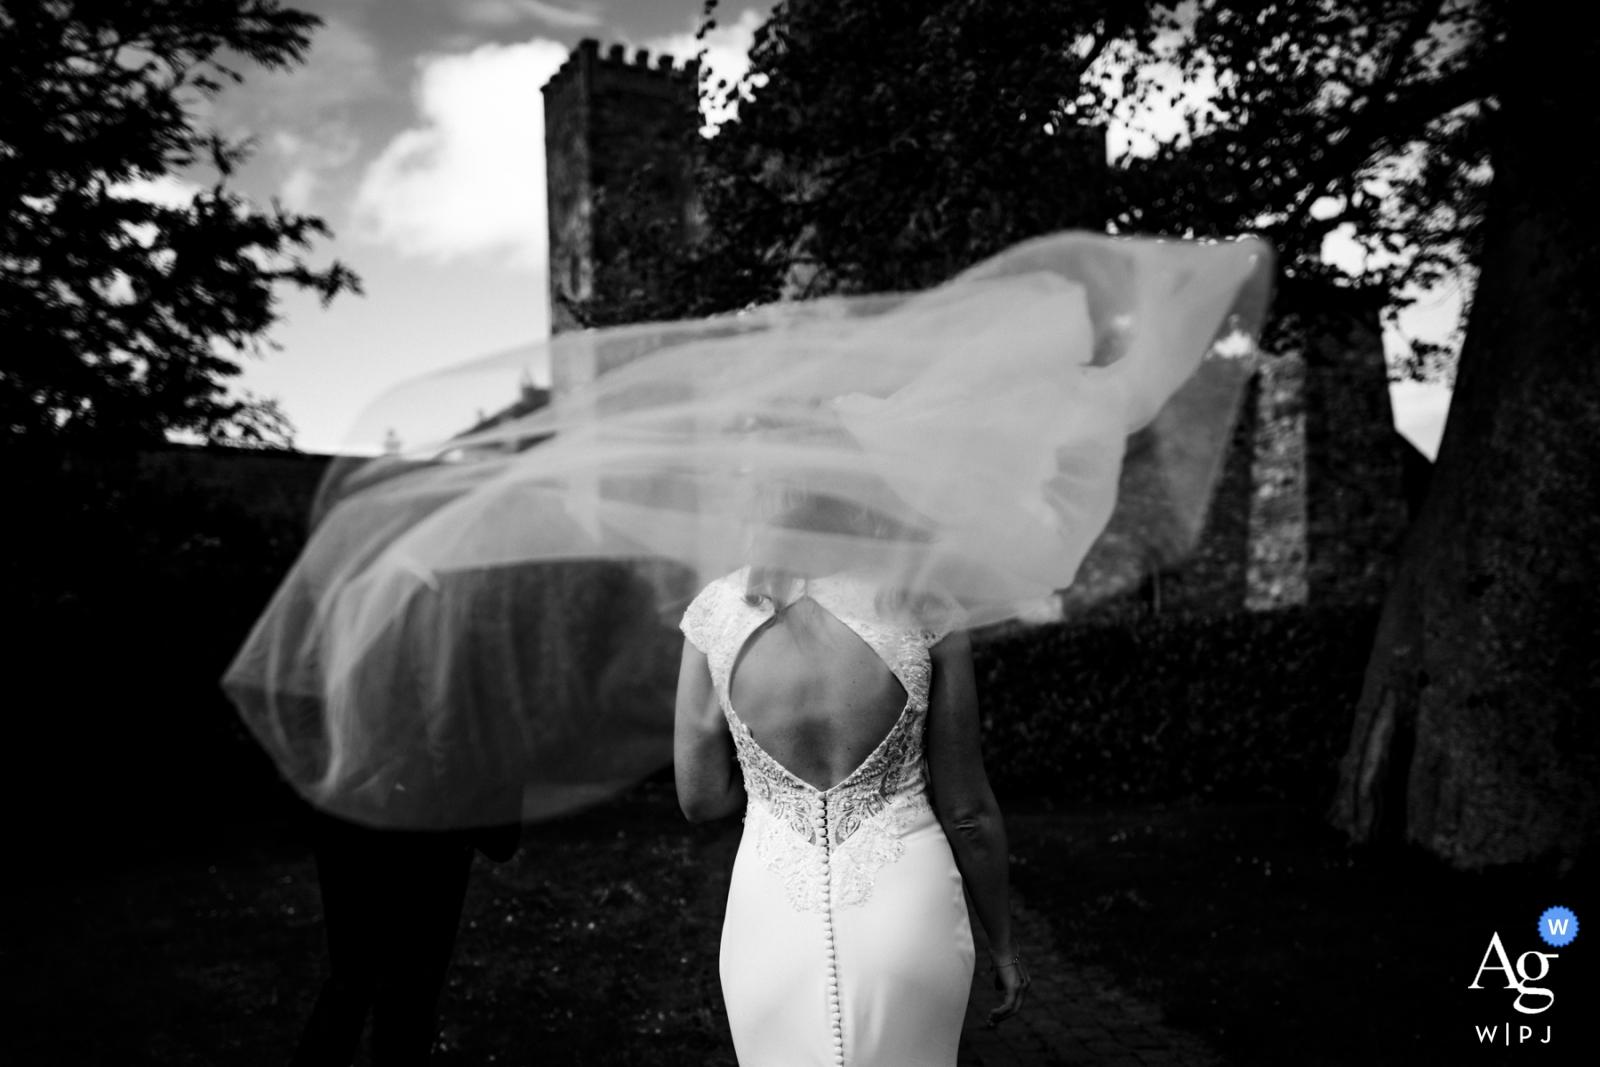 Barberstown Castle, Irland Fine Art, dokumentarischer Hochzeitsfotograf - Schleier weht im Wind